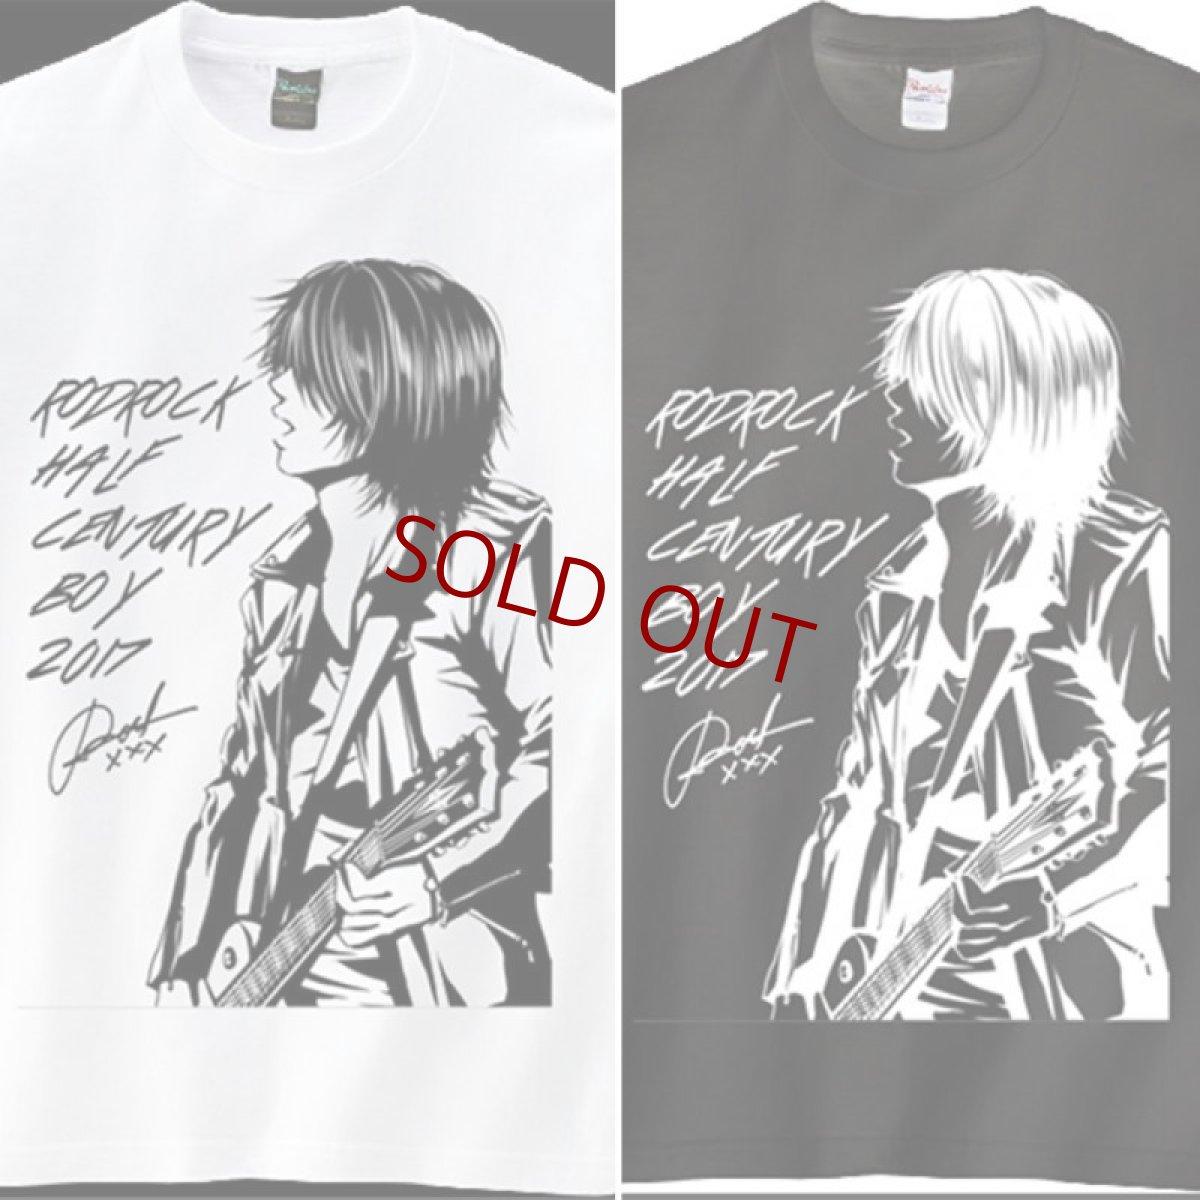 画像1: 藤崎賢一 生誕50周年記念 特製T-Shirts HALF CENTURY BOY (1)